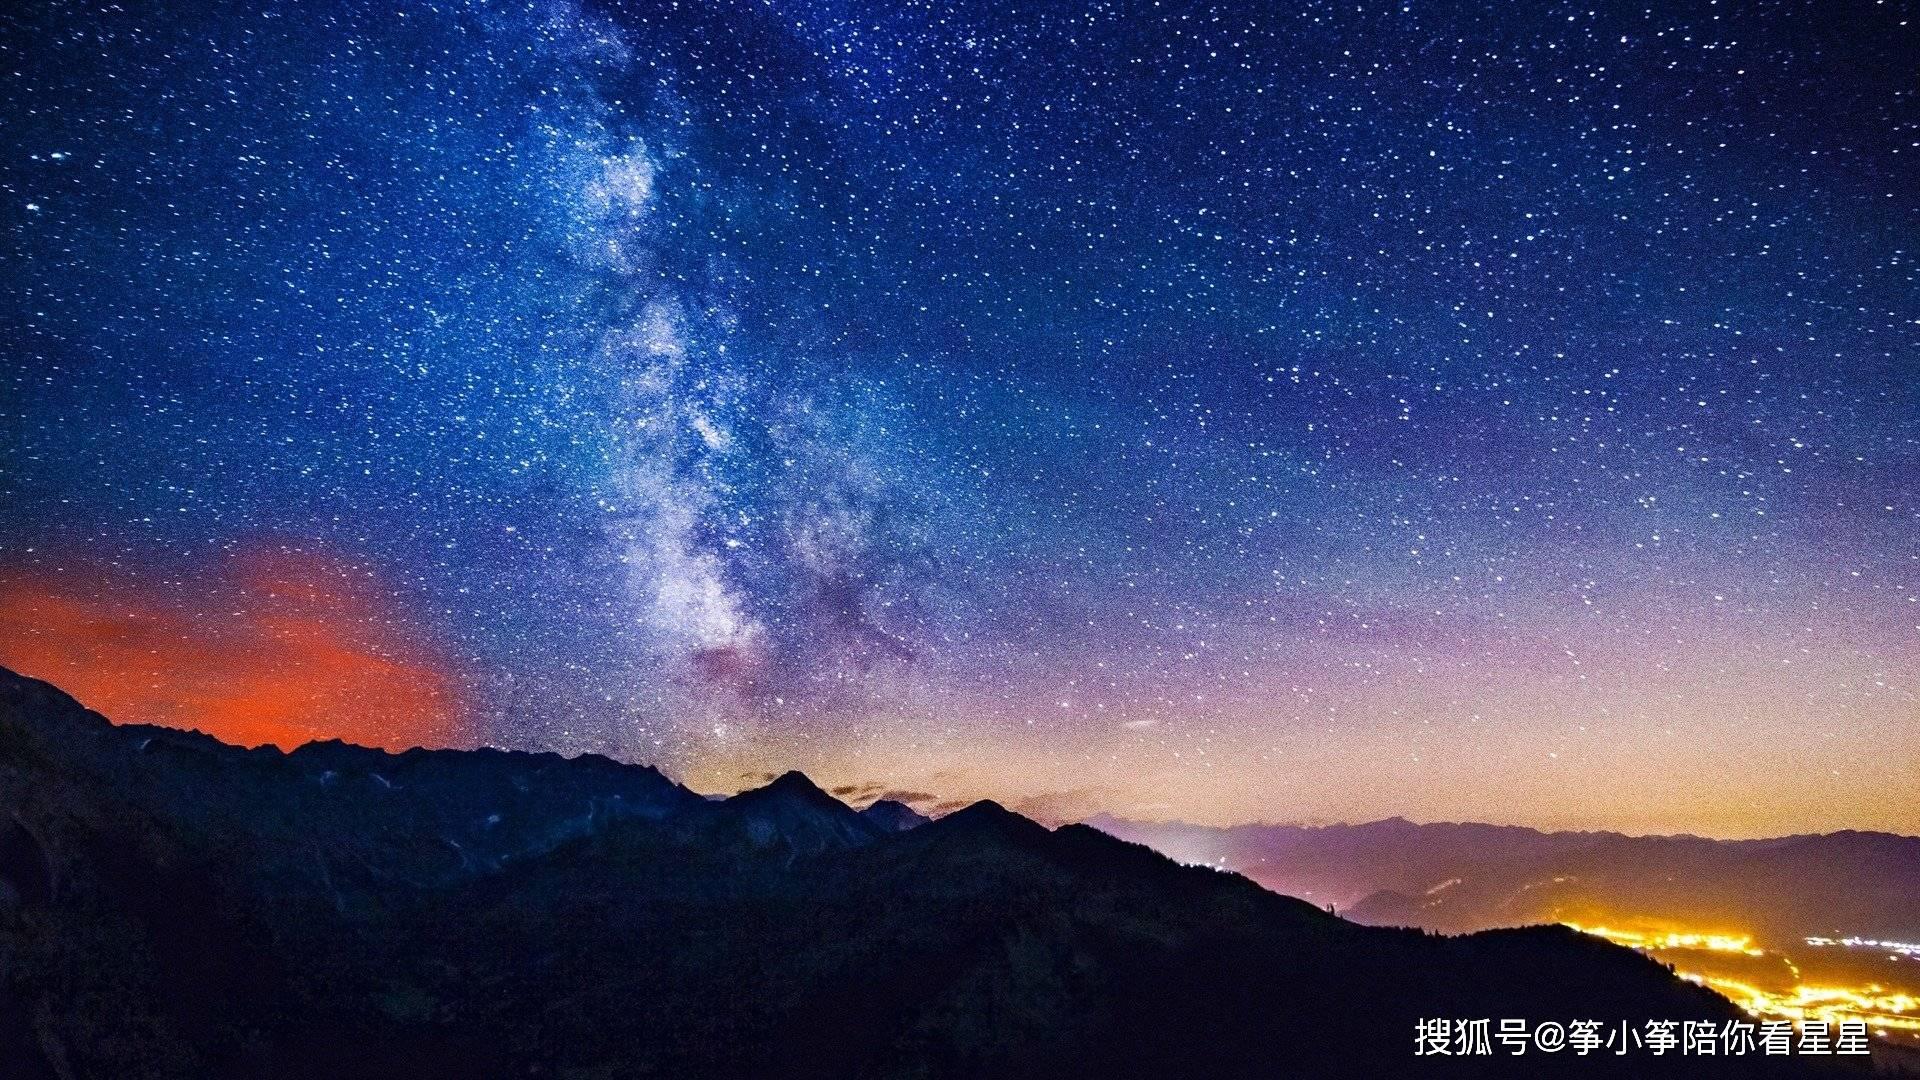 梦见星空出现星座图案 梦见星星组成星座图案